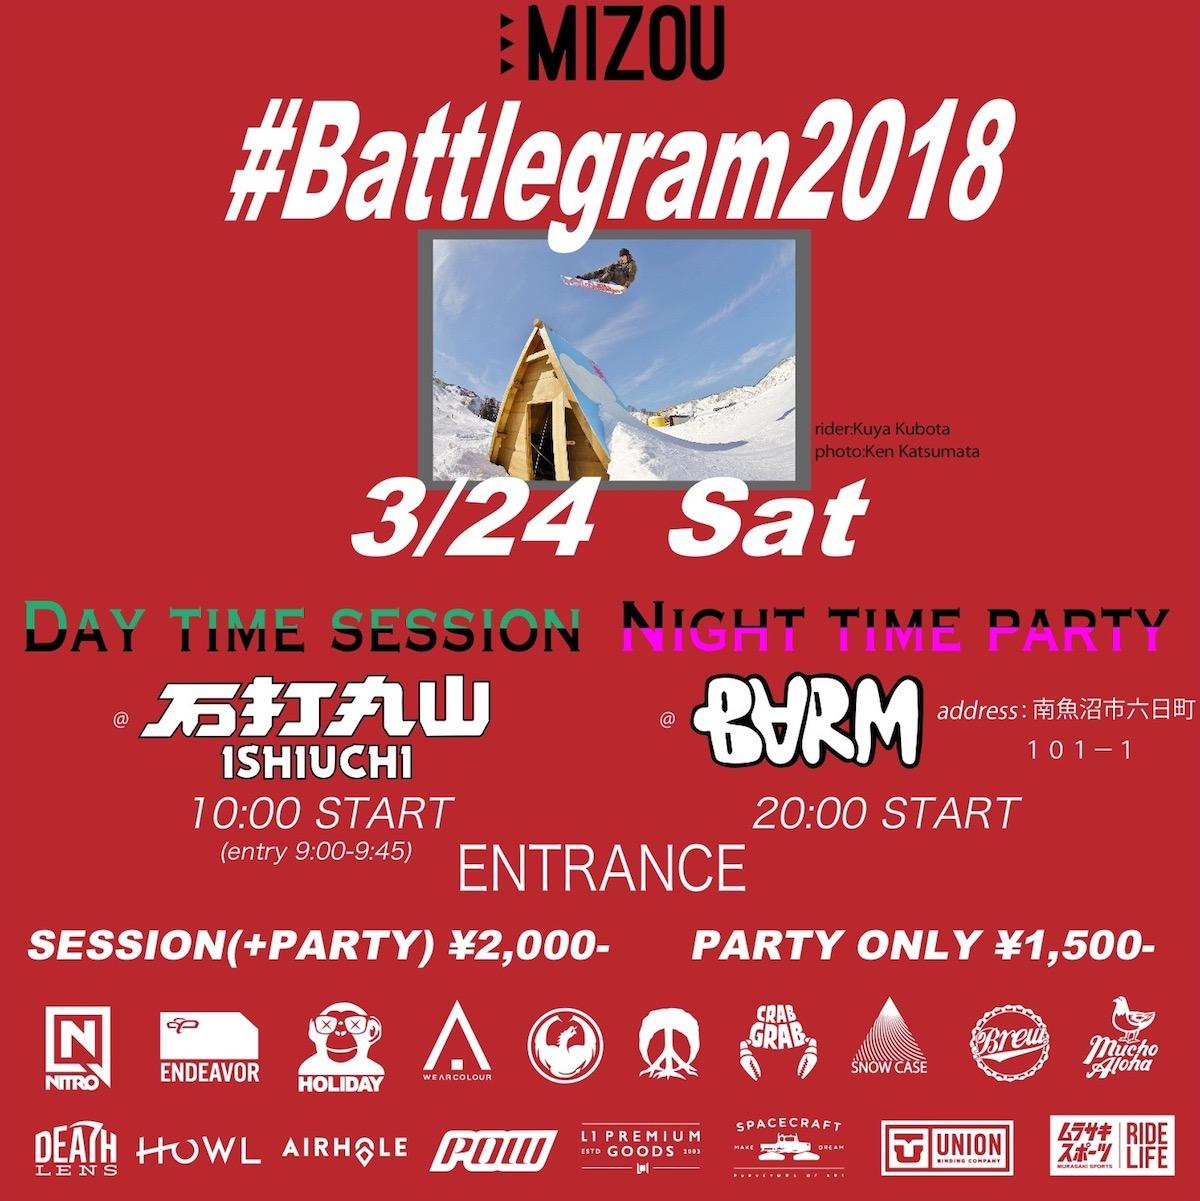 mizou-battlegram2018